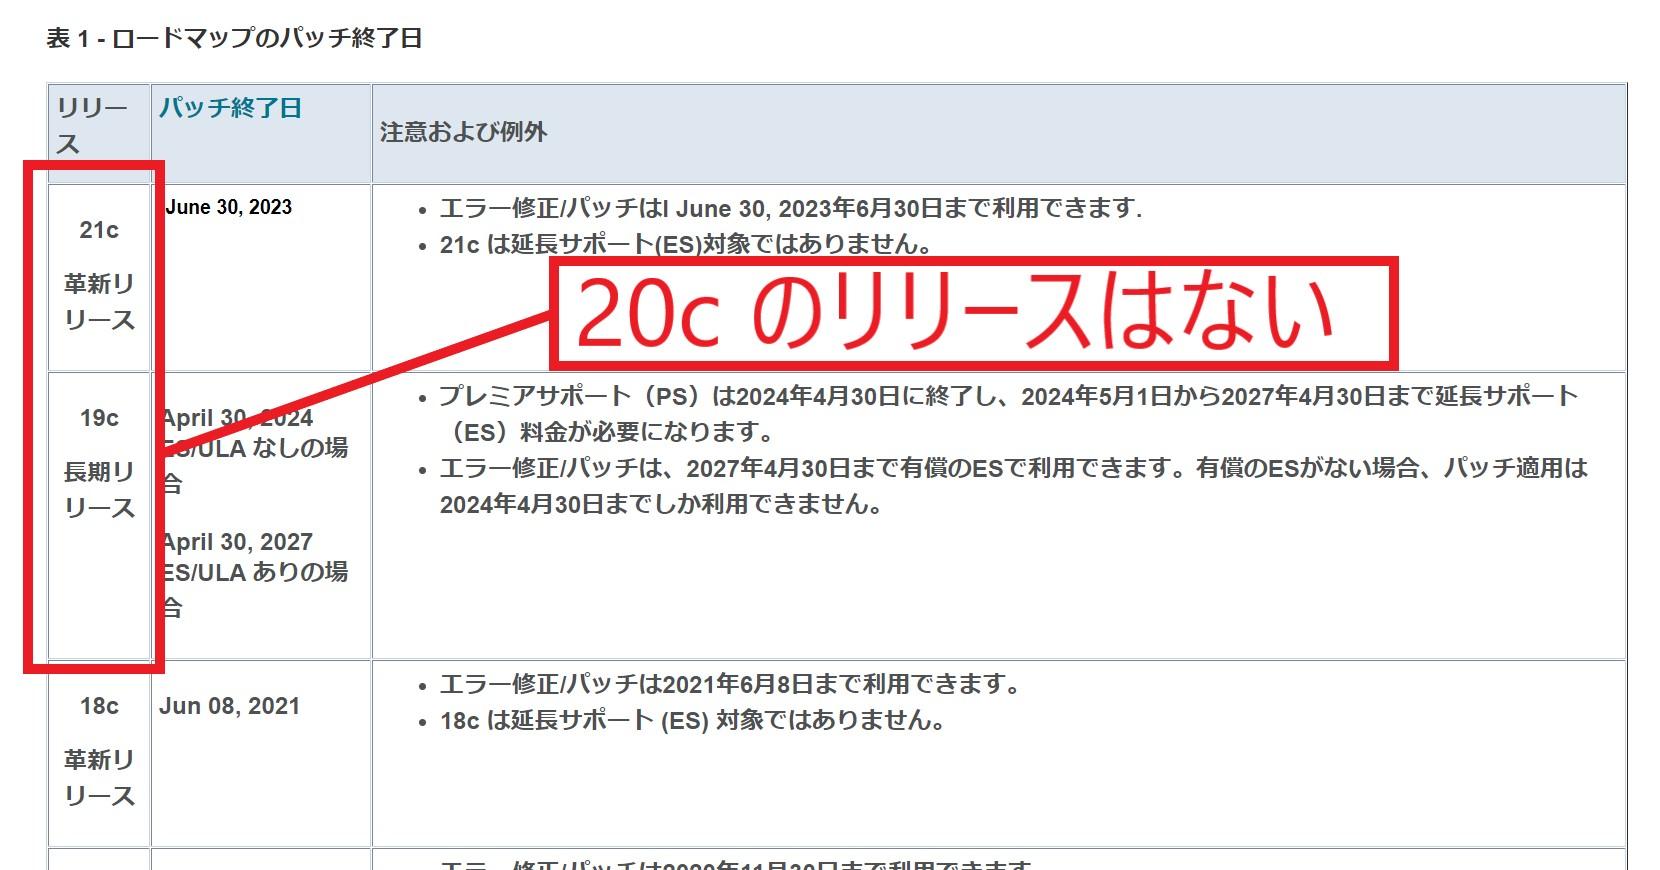 oracle 20cのリリース日はない